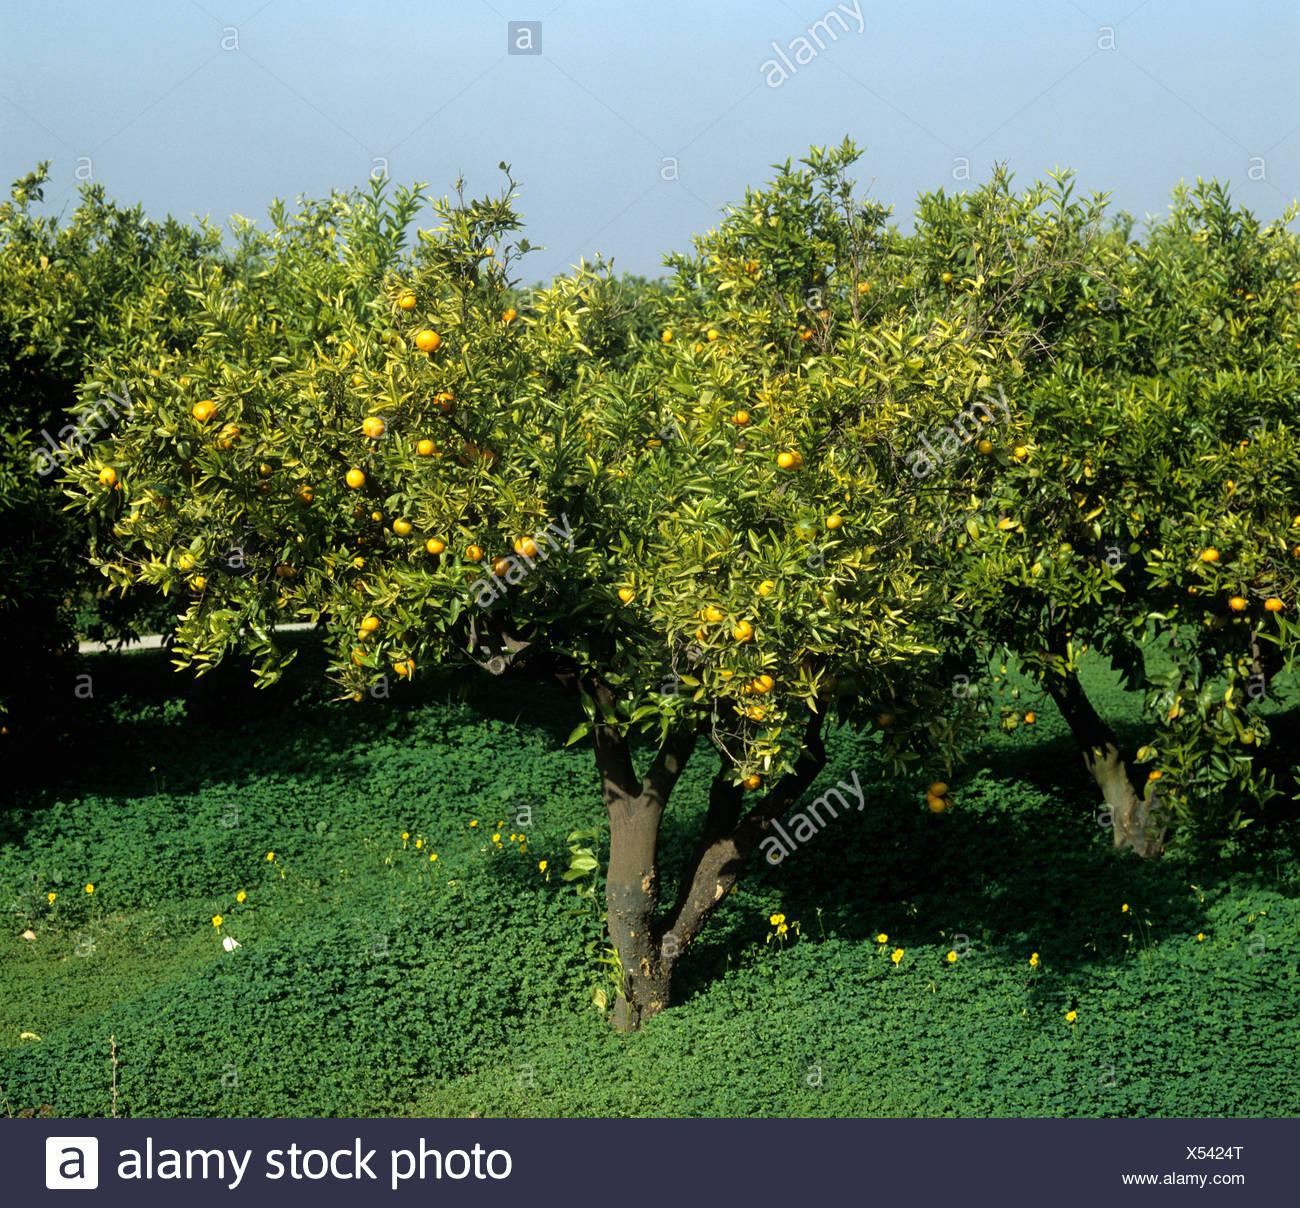 Schuppige Rinde Citrus Psorosis-Virus-Infektion von einer Clementine verursacht Abnahme und Tod Spanien Stockbild